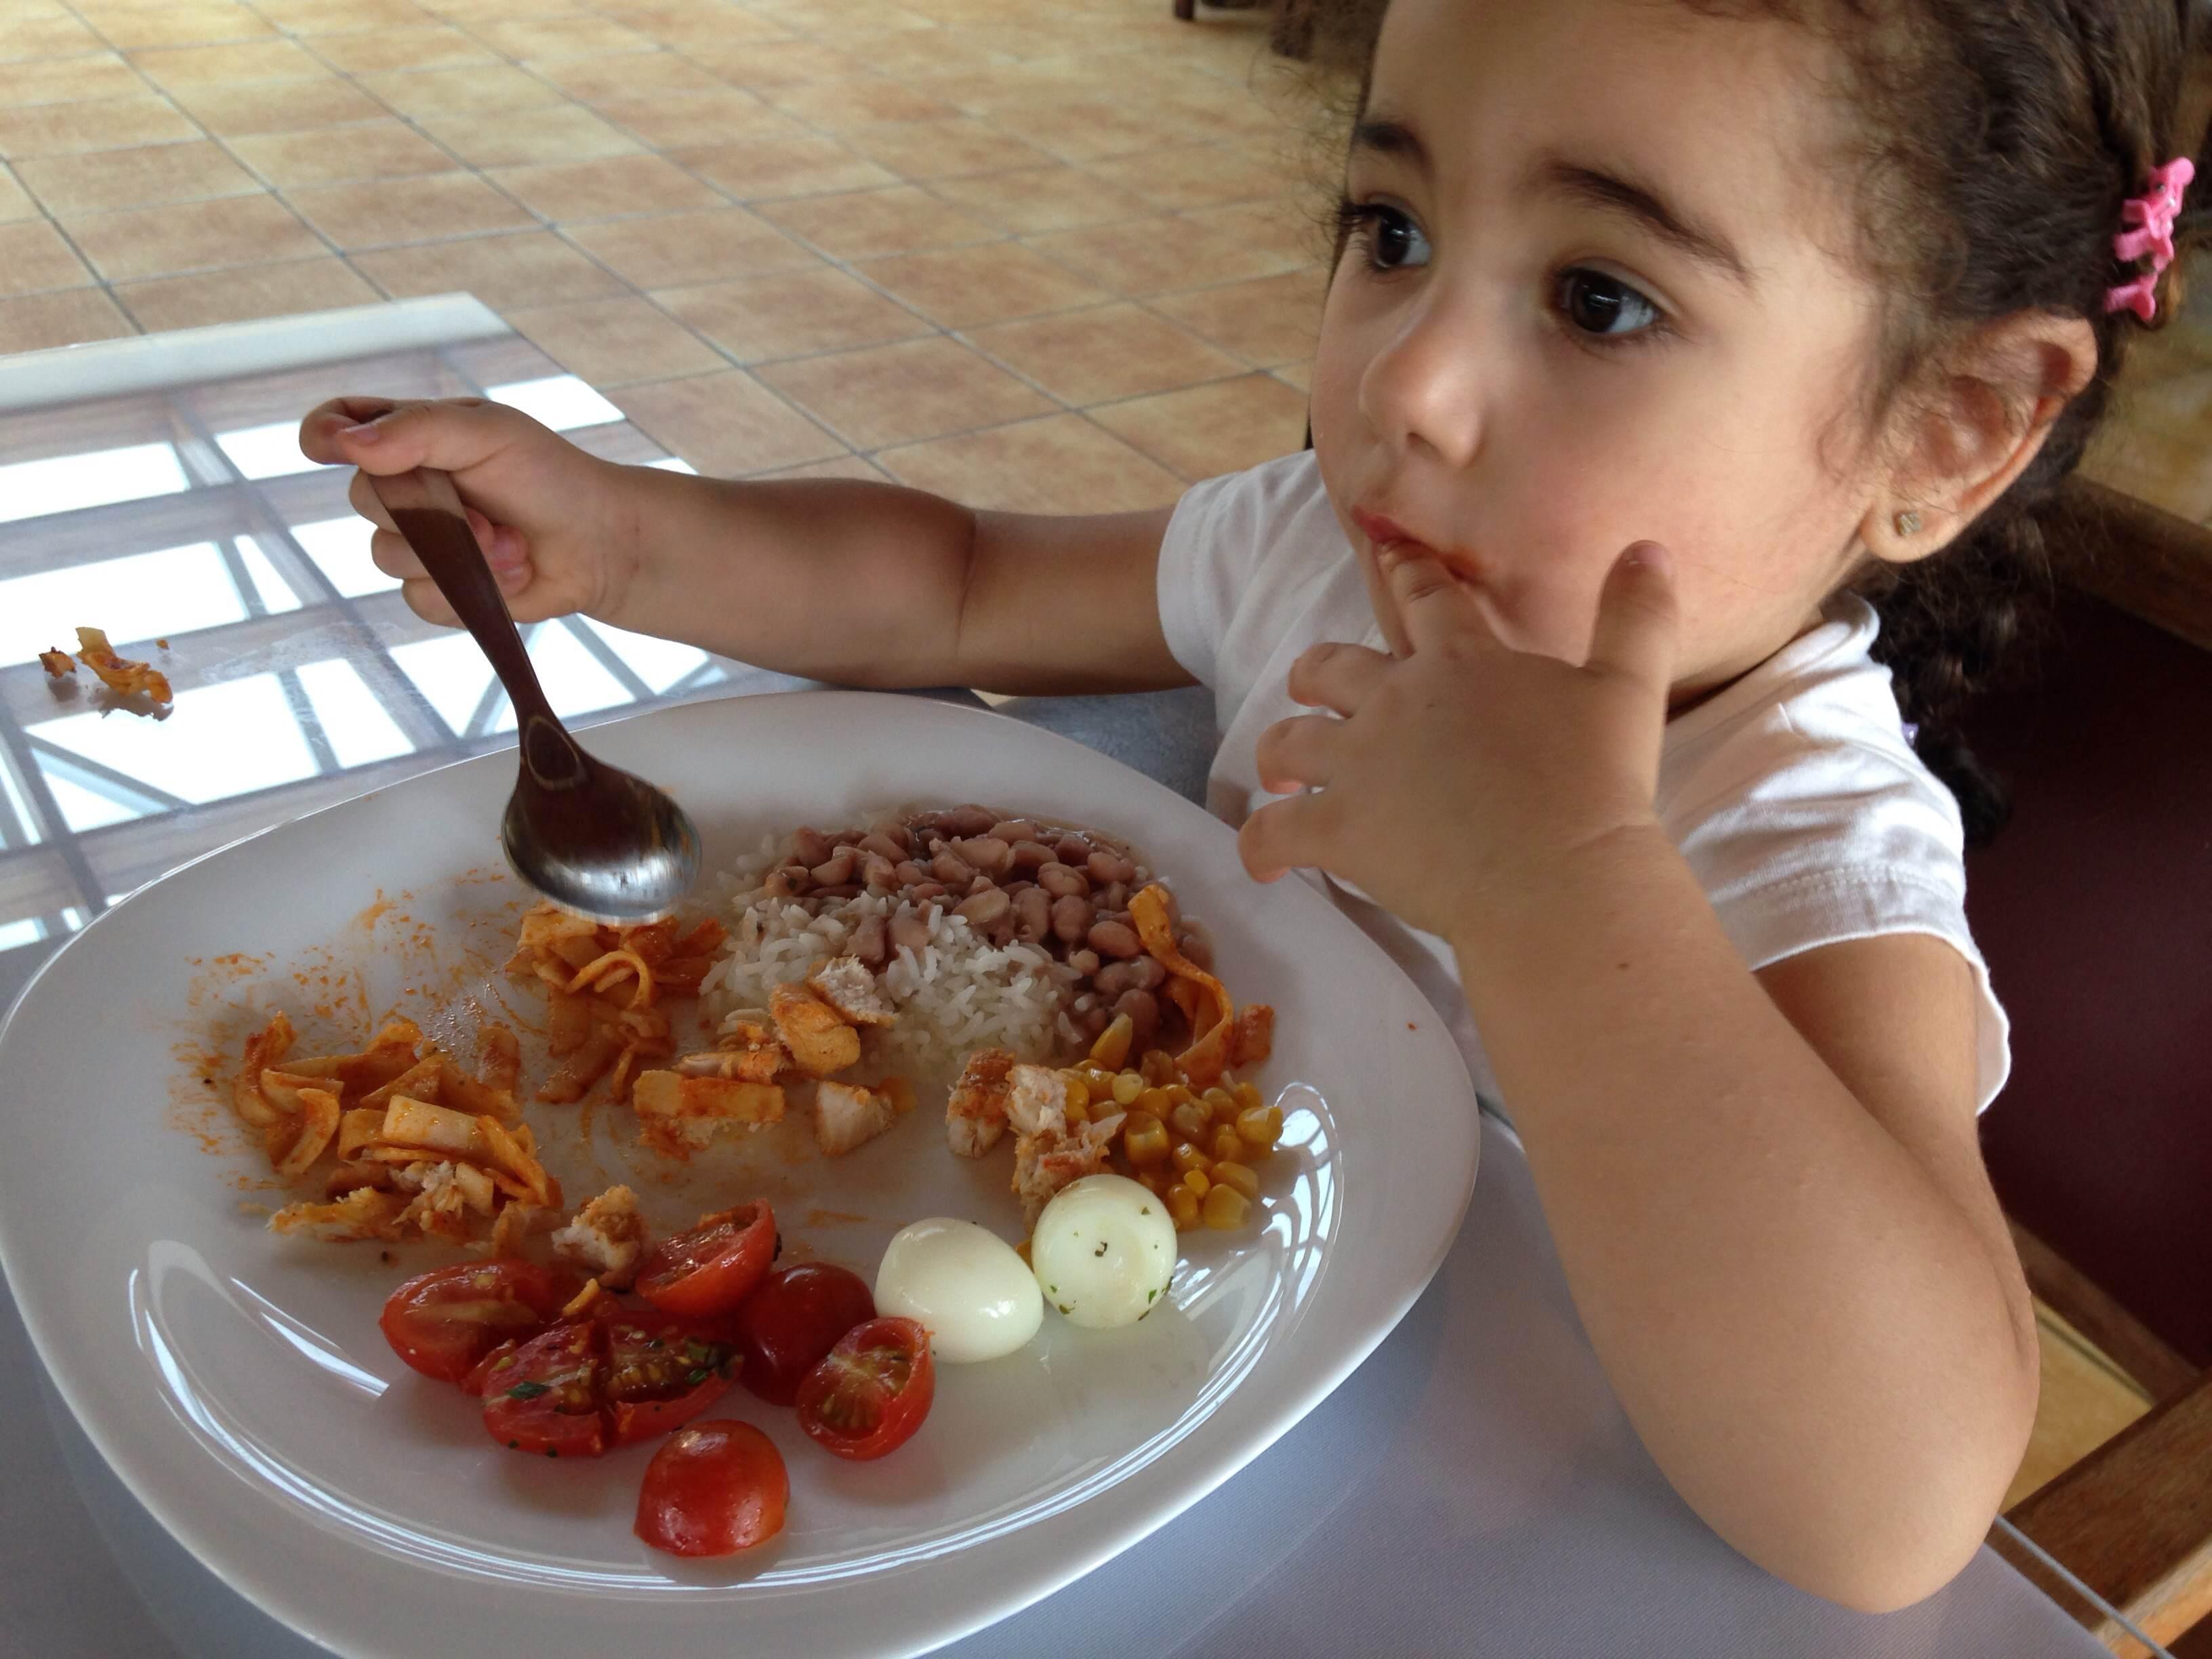 Peguei um pouco de tudo que ela gosta e ela poder escolher: Arroz, feijão, talharine ao sugo, tomate cereja, milho, frango grelhado, ovo de codorna.